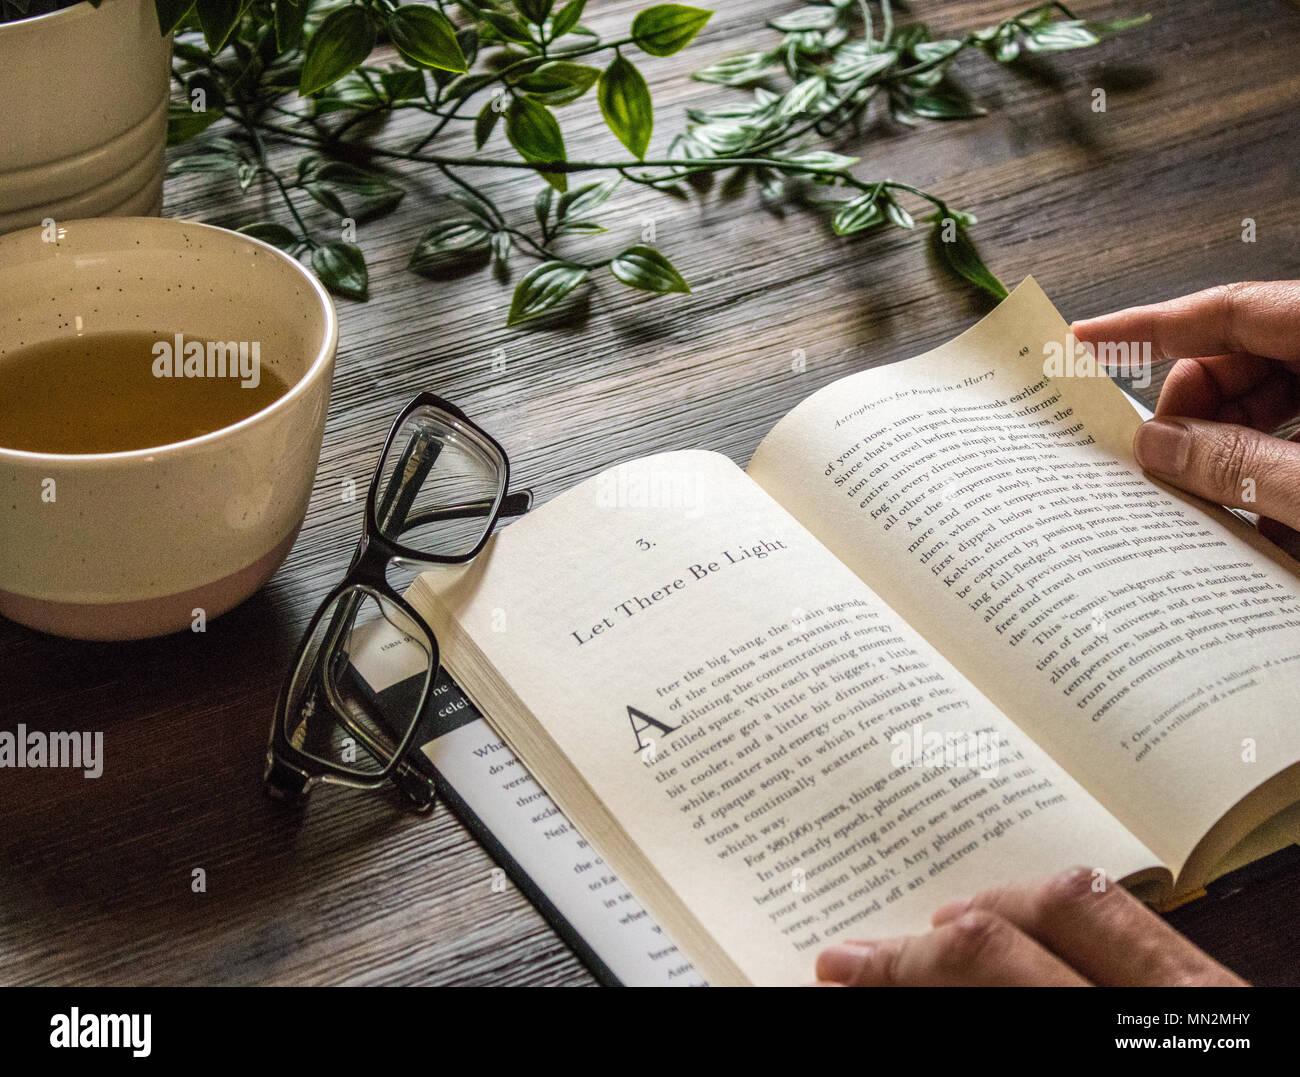 Domenica mattina la meditazione - Il tè verde e la lettura - sia la luce! Immagini Stock